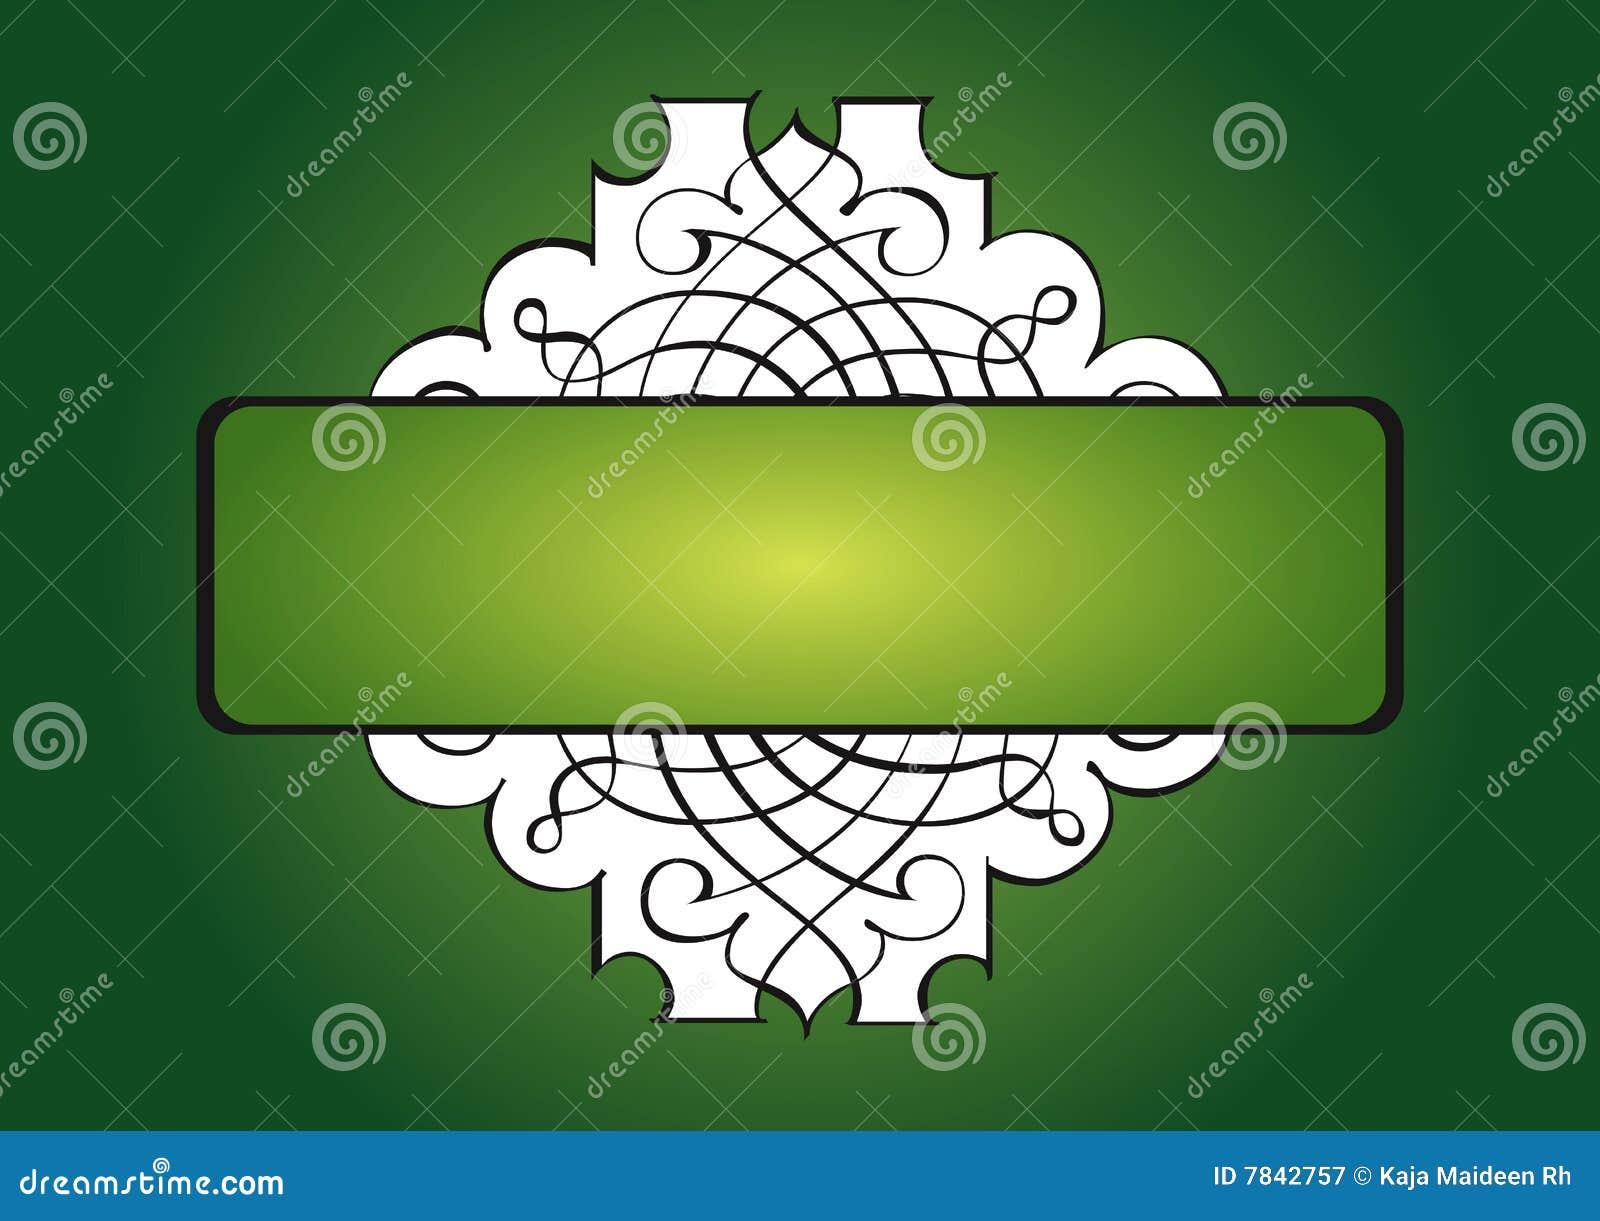 Islamic Background Green Islamic green background